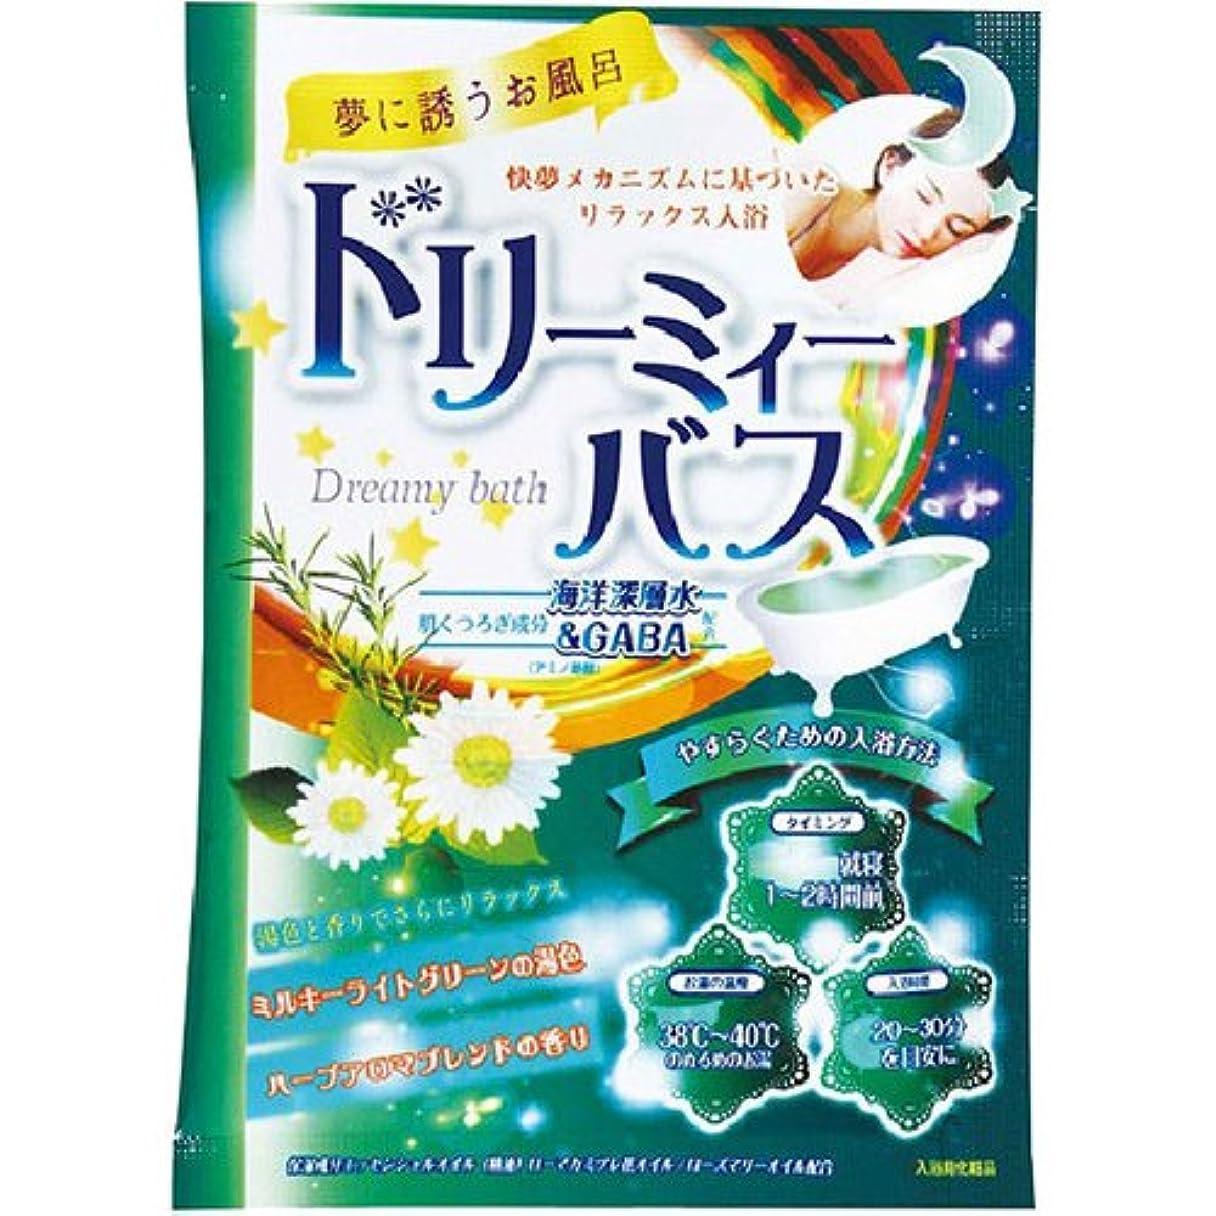 エスニックビルロデオドリーミィーバス ハーブアロマブレンドの香り 50g